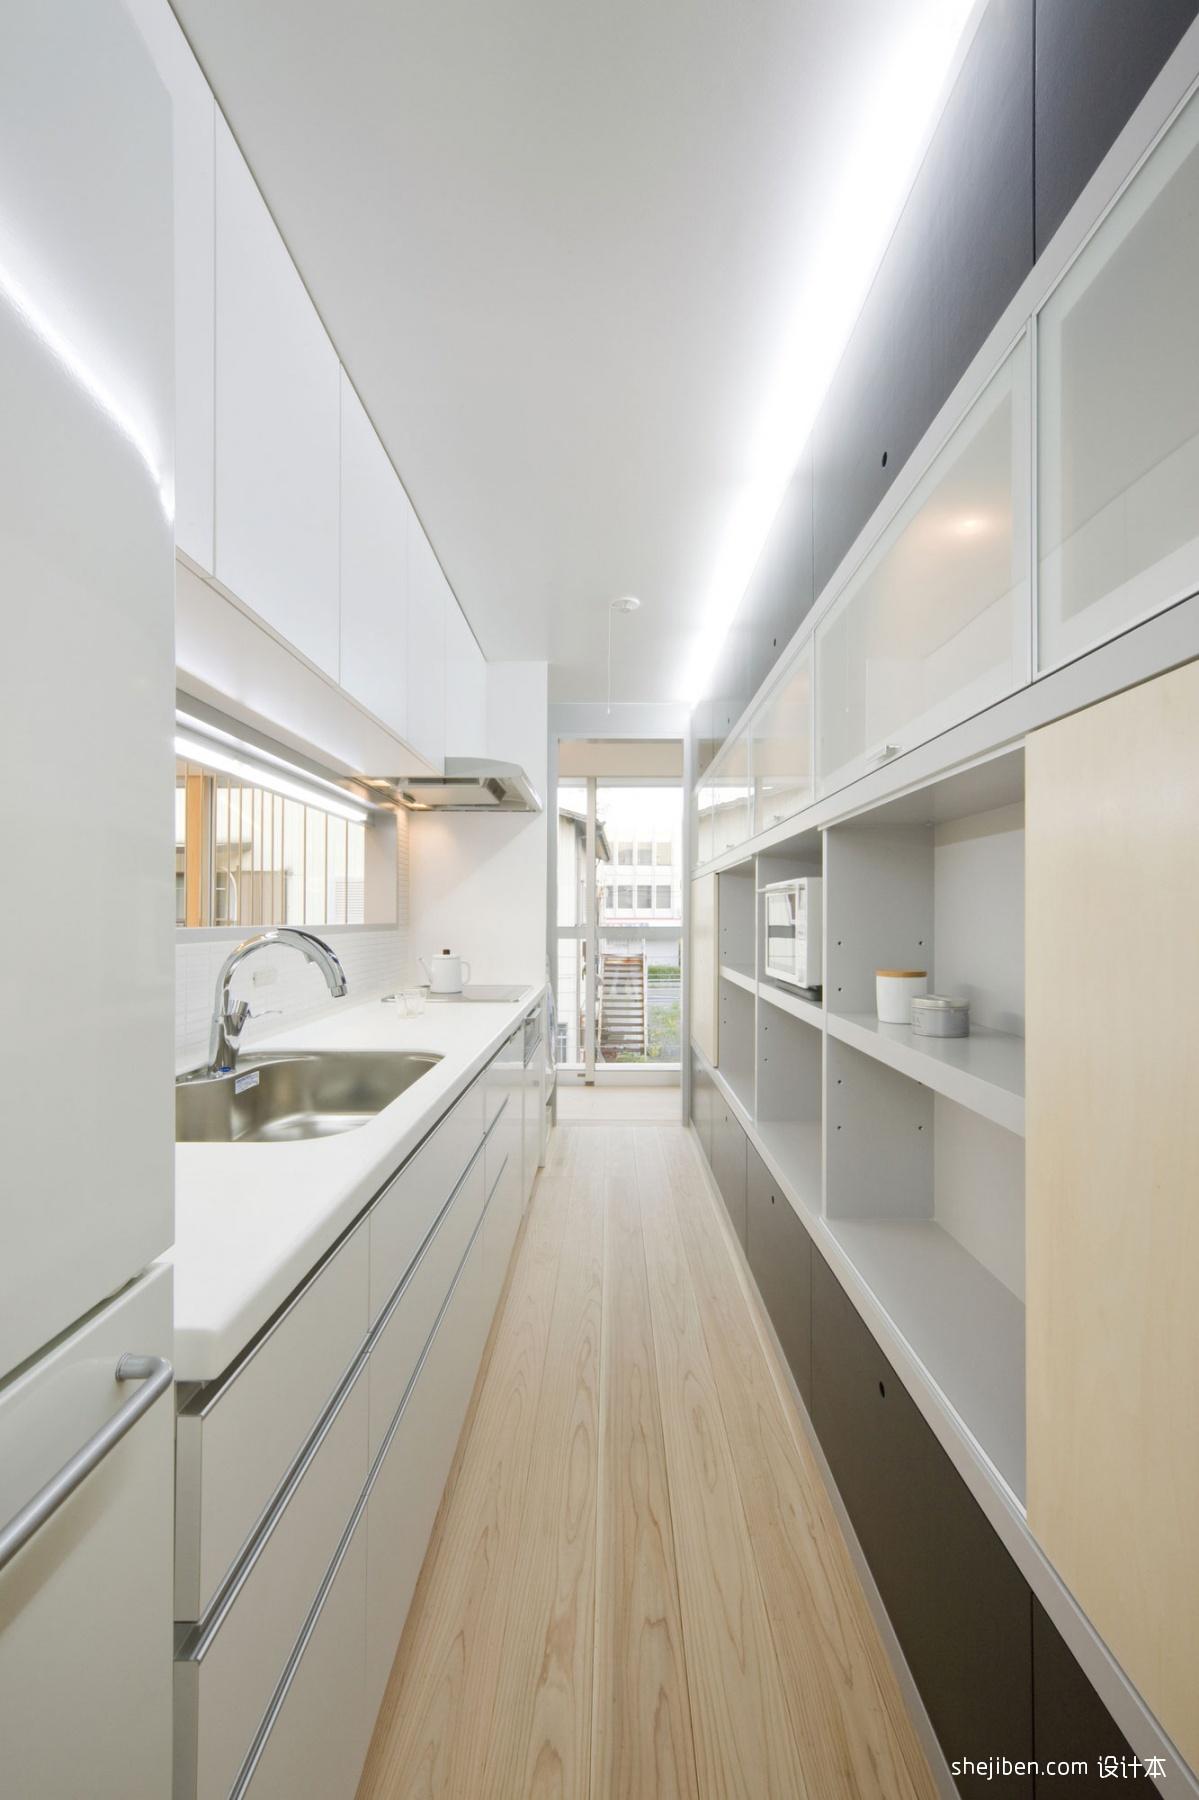 2018现代风格白色橱柜厨房实木地板装修效果图